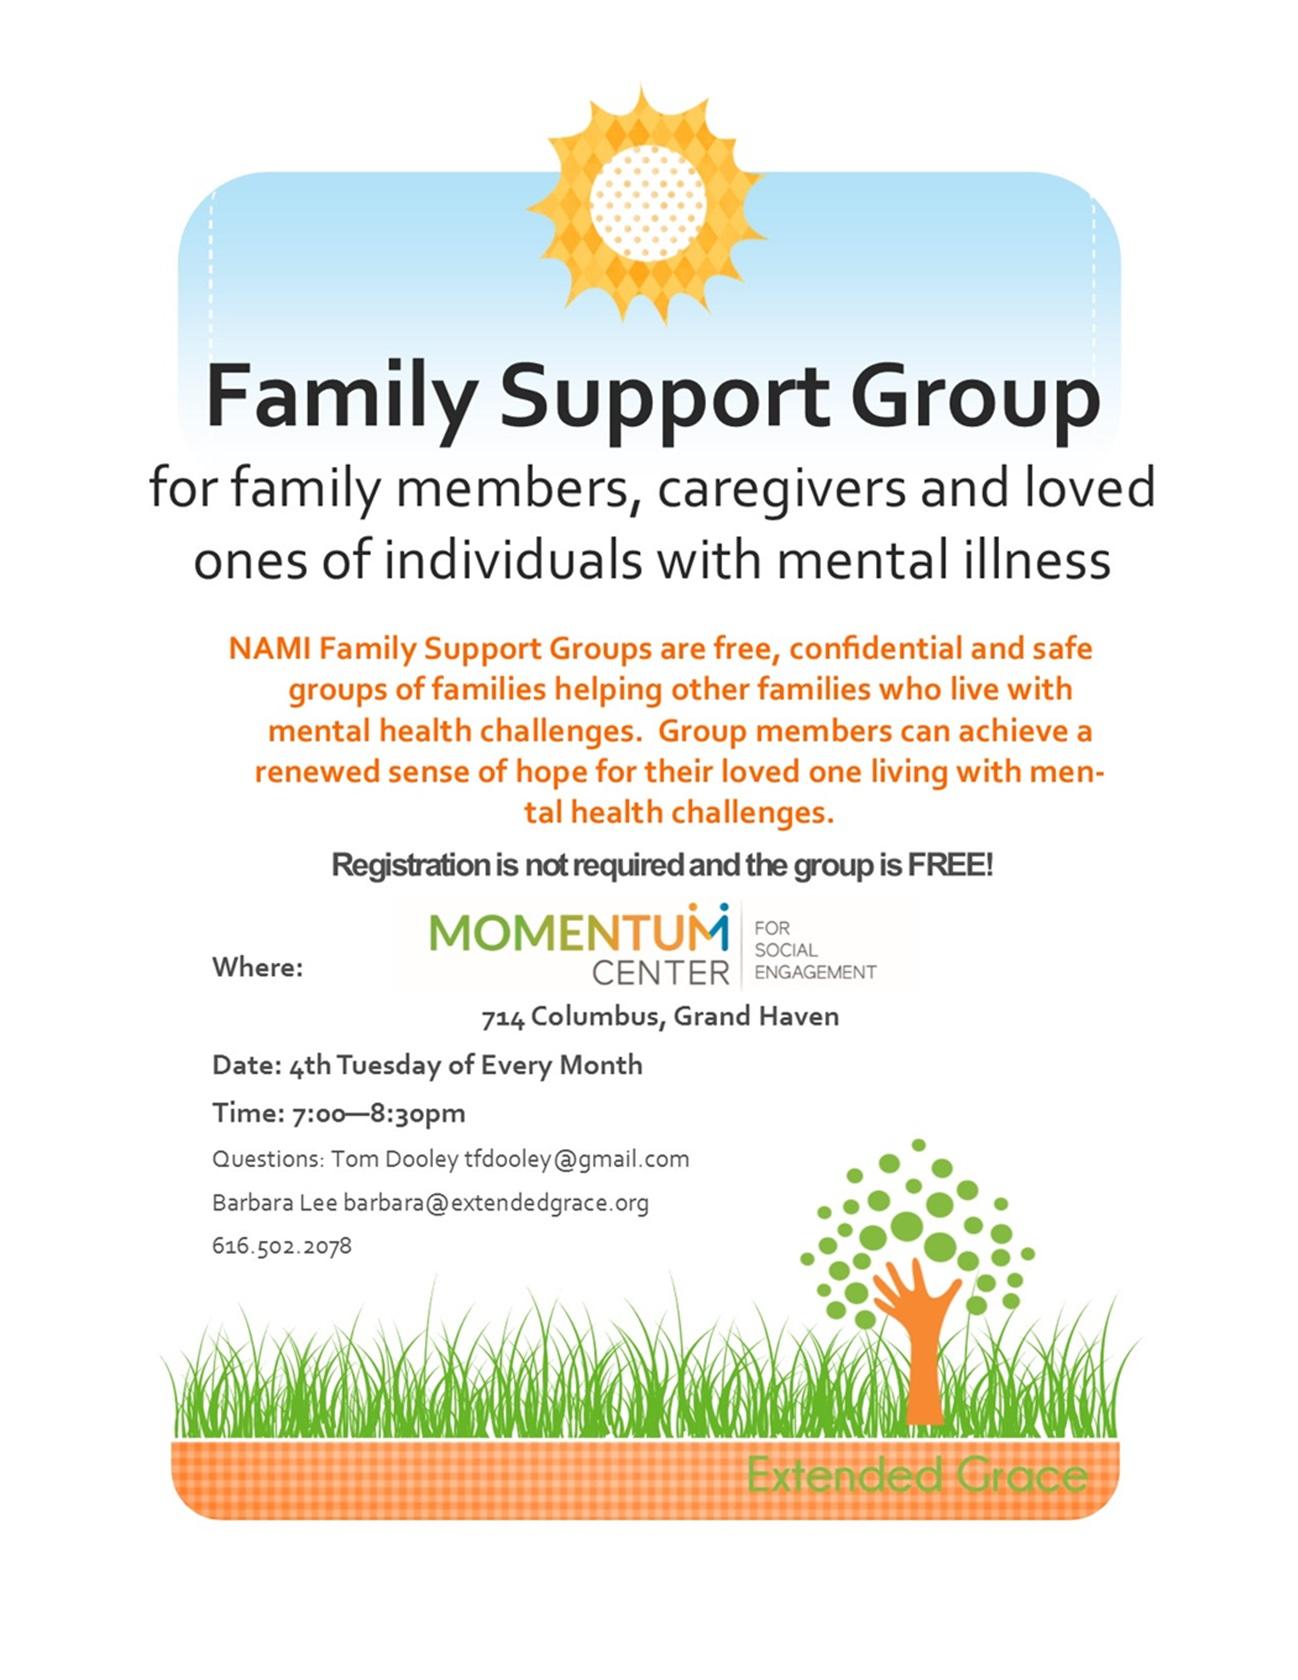 family support group flyer floatm.jpg